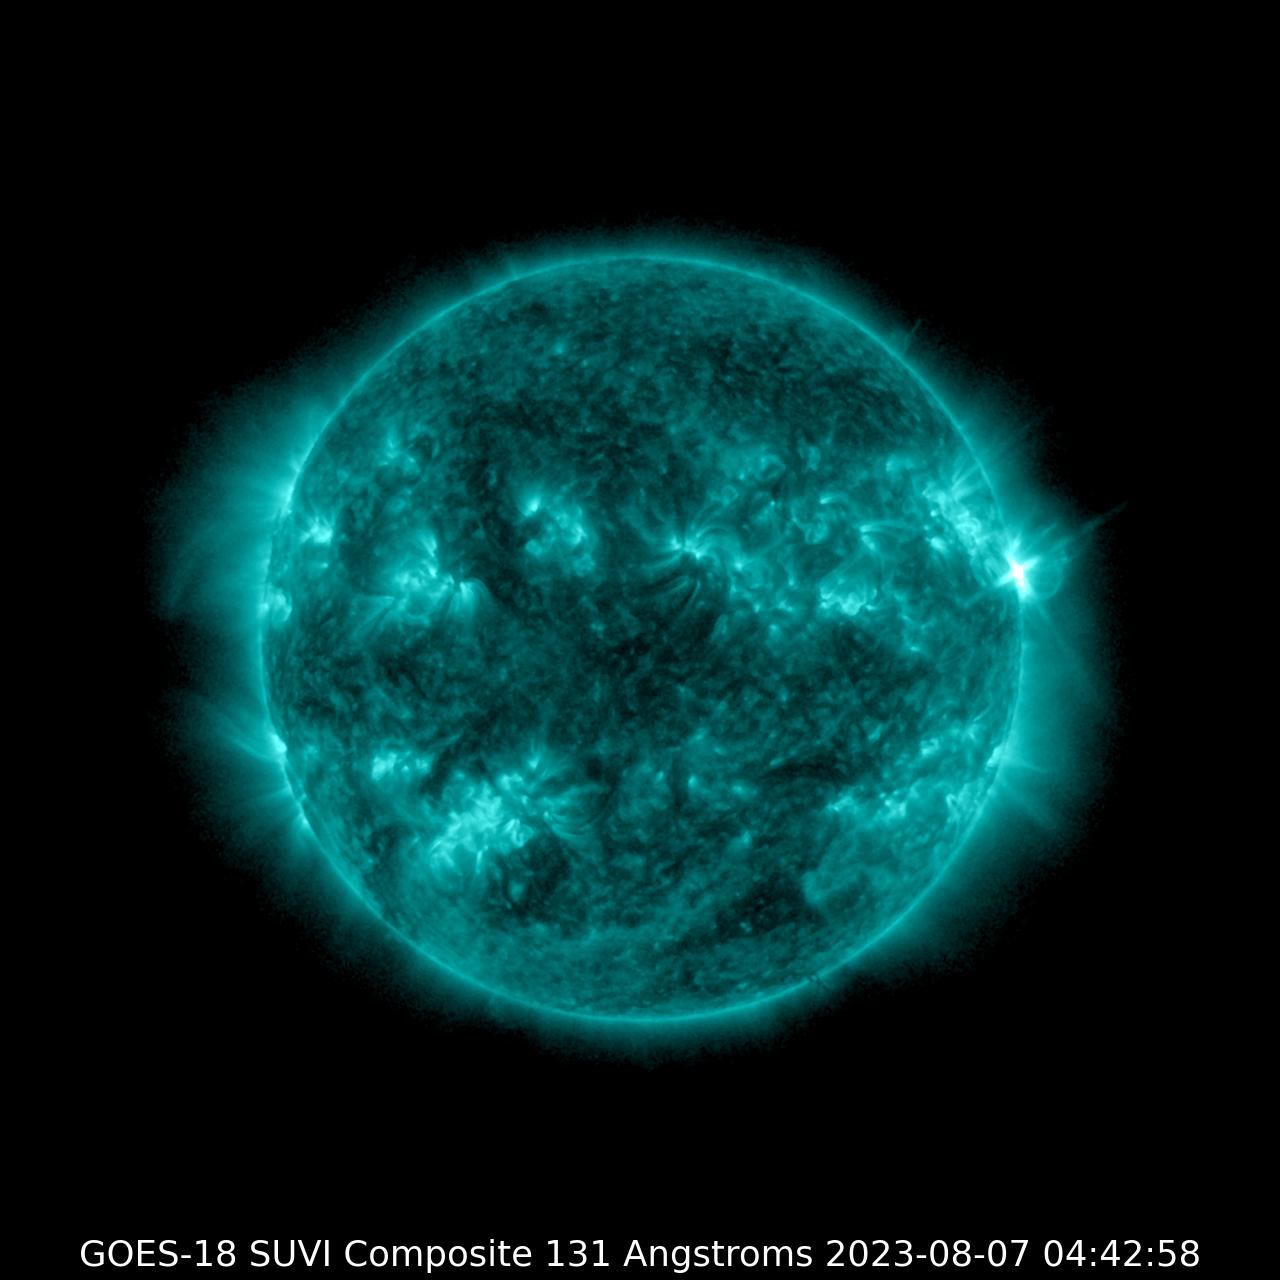 GOES-17 SUVI 131